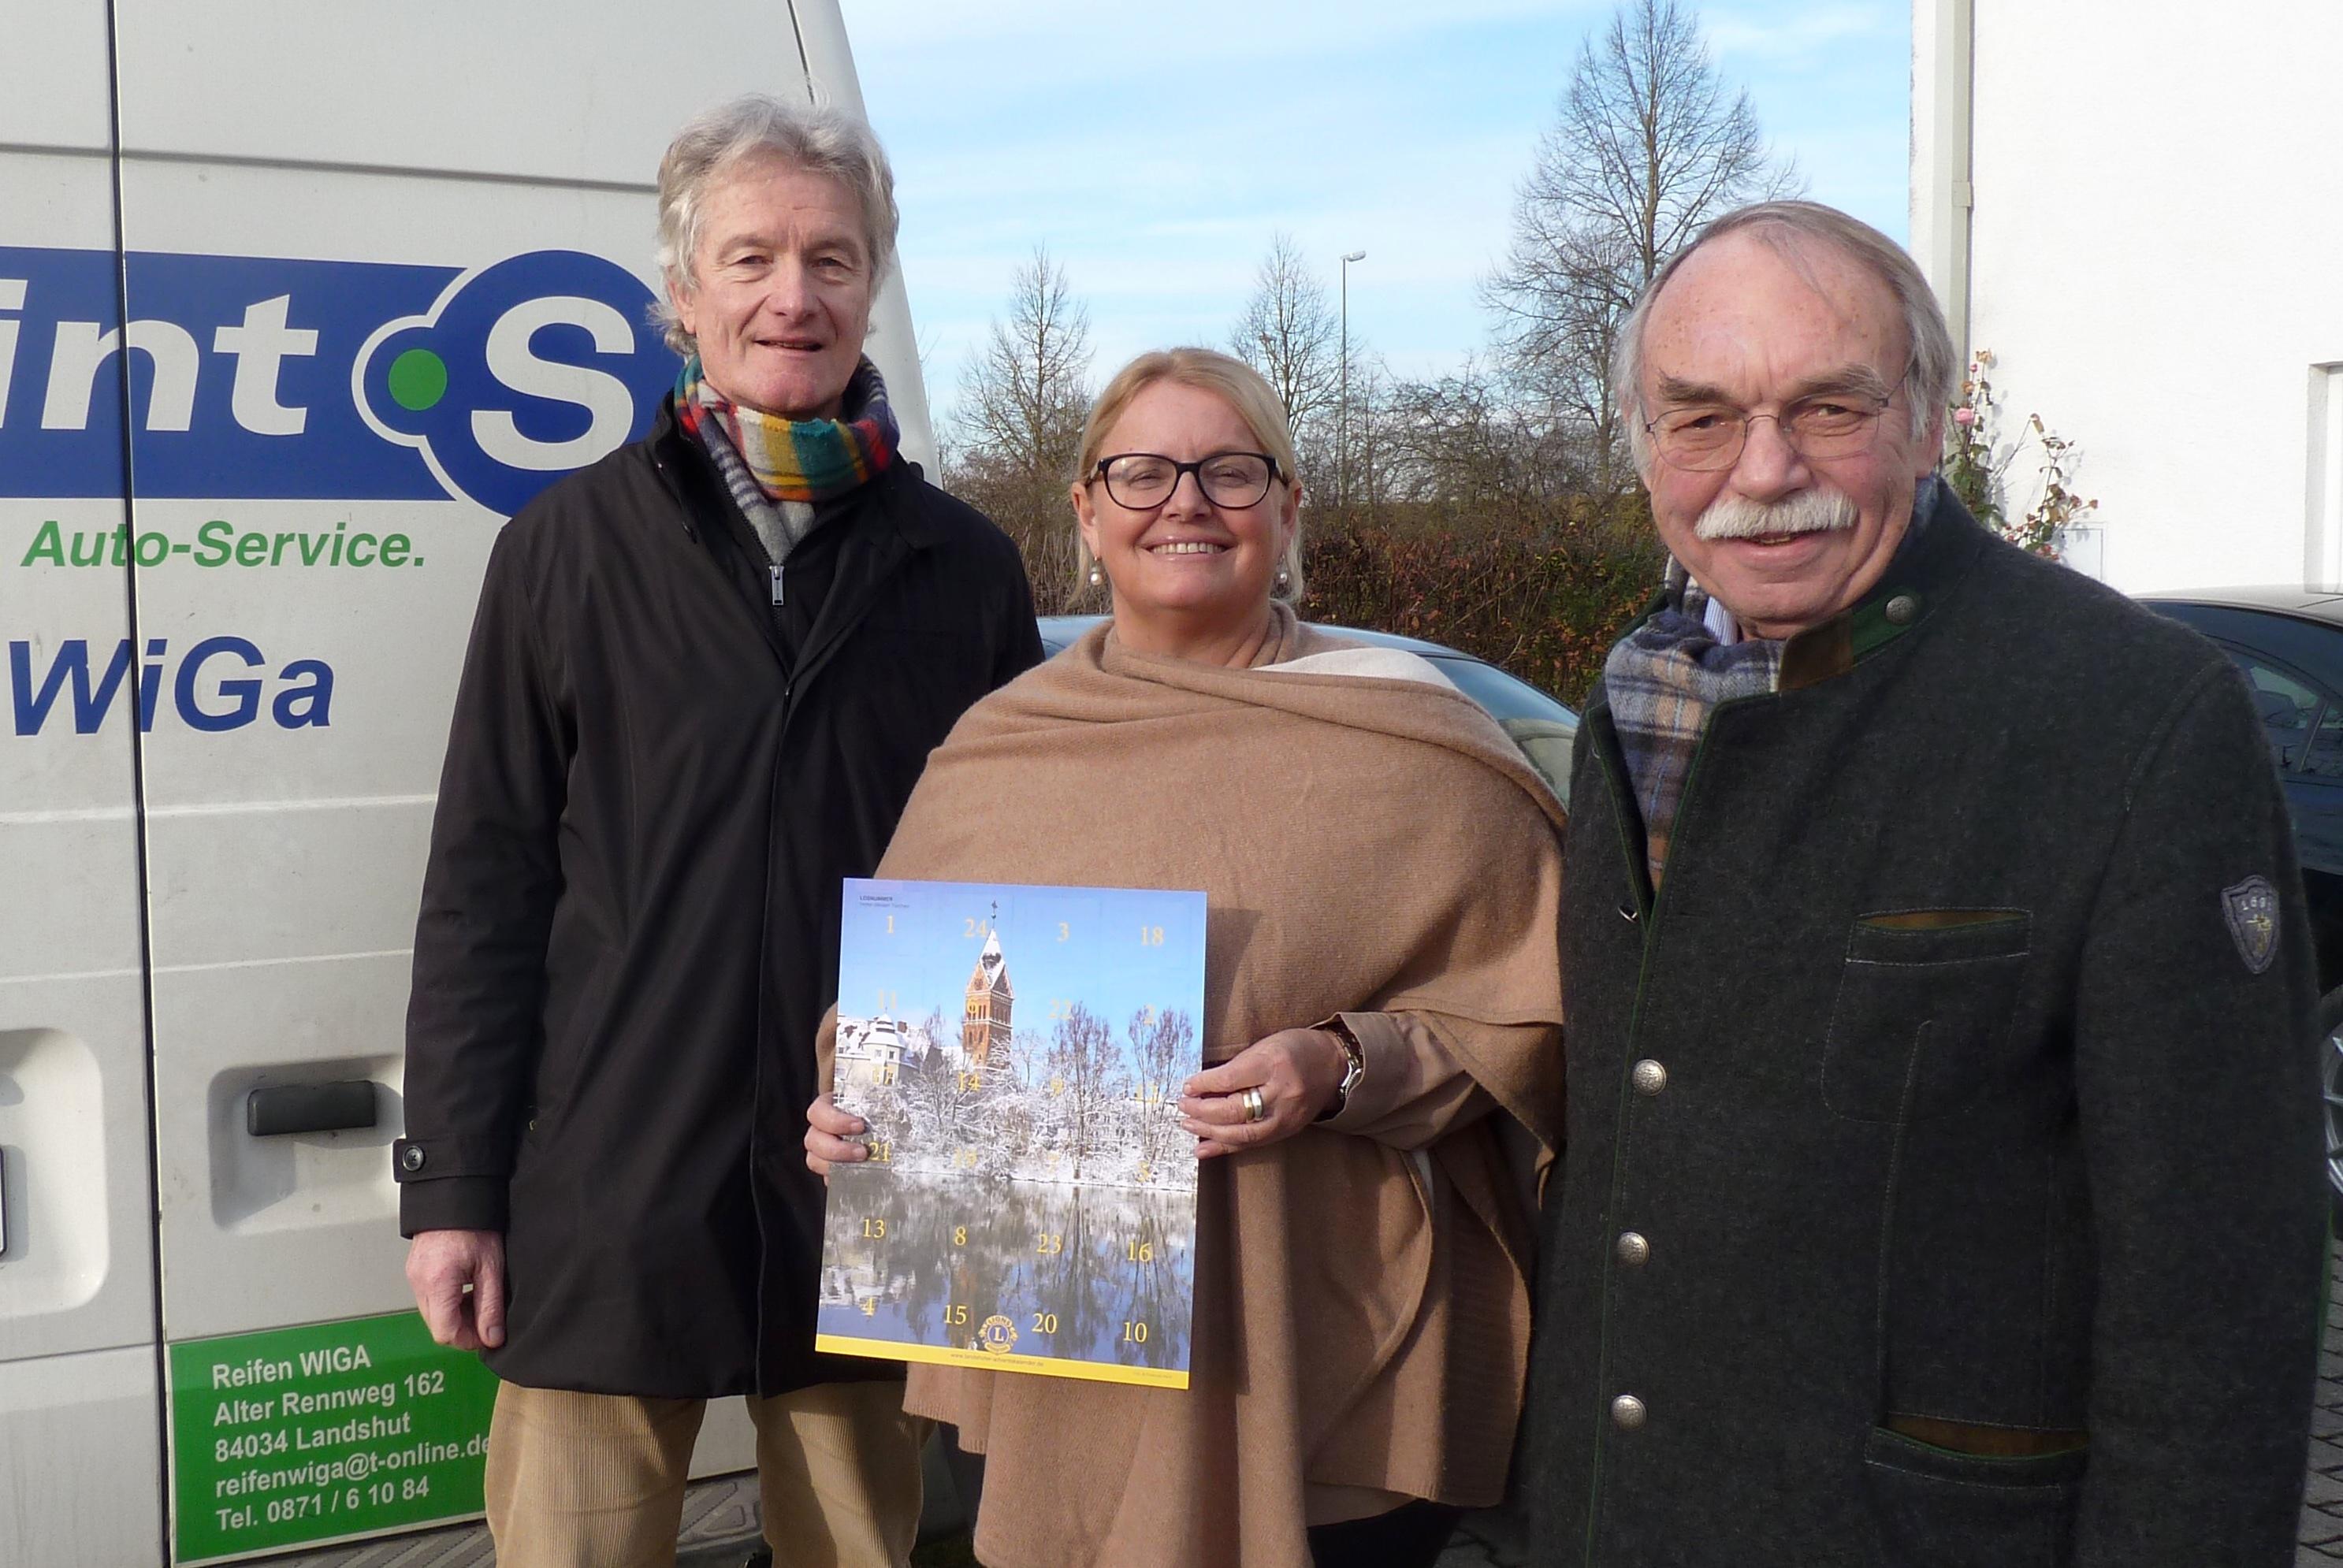 Spende Reifen Wiga Lions-Hilfswerk Landshut